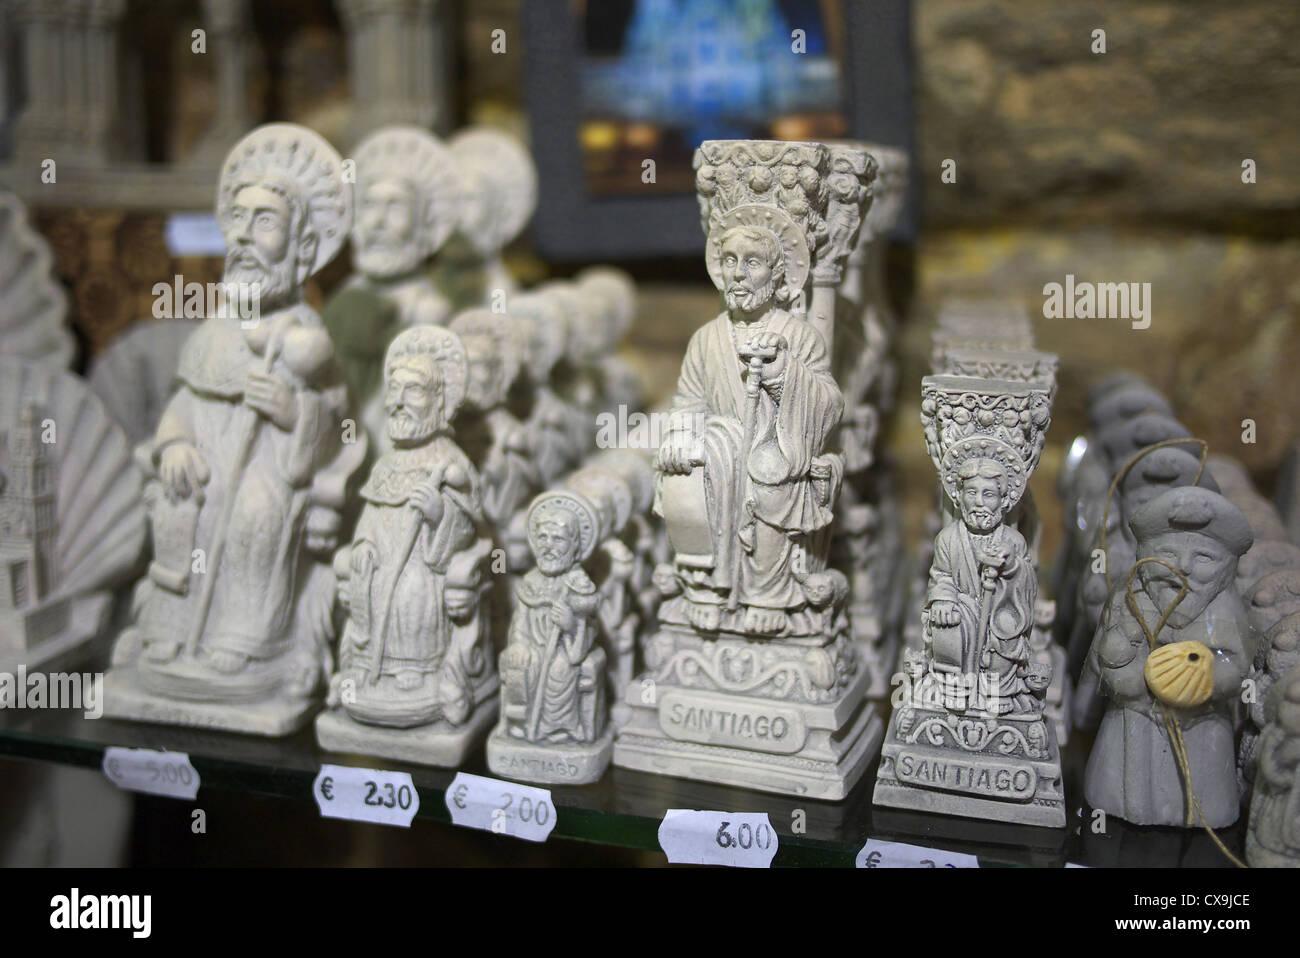 Souvenirs of Saint James on sale in Santiago de Compostela, Spain. Stock Photo